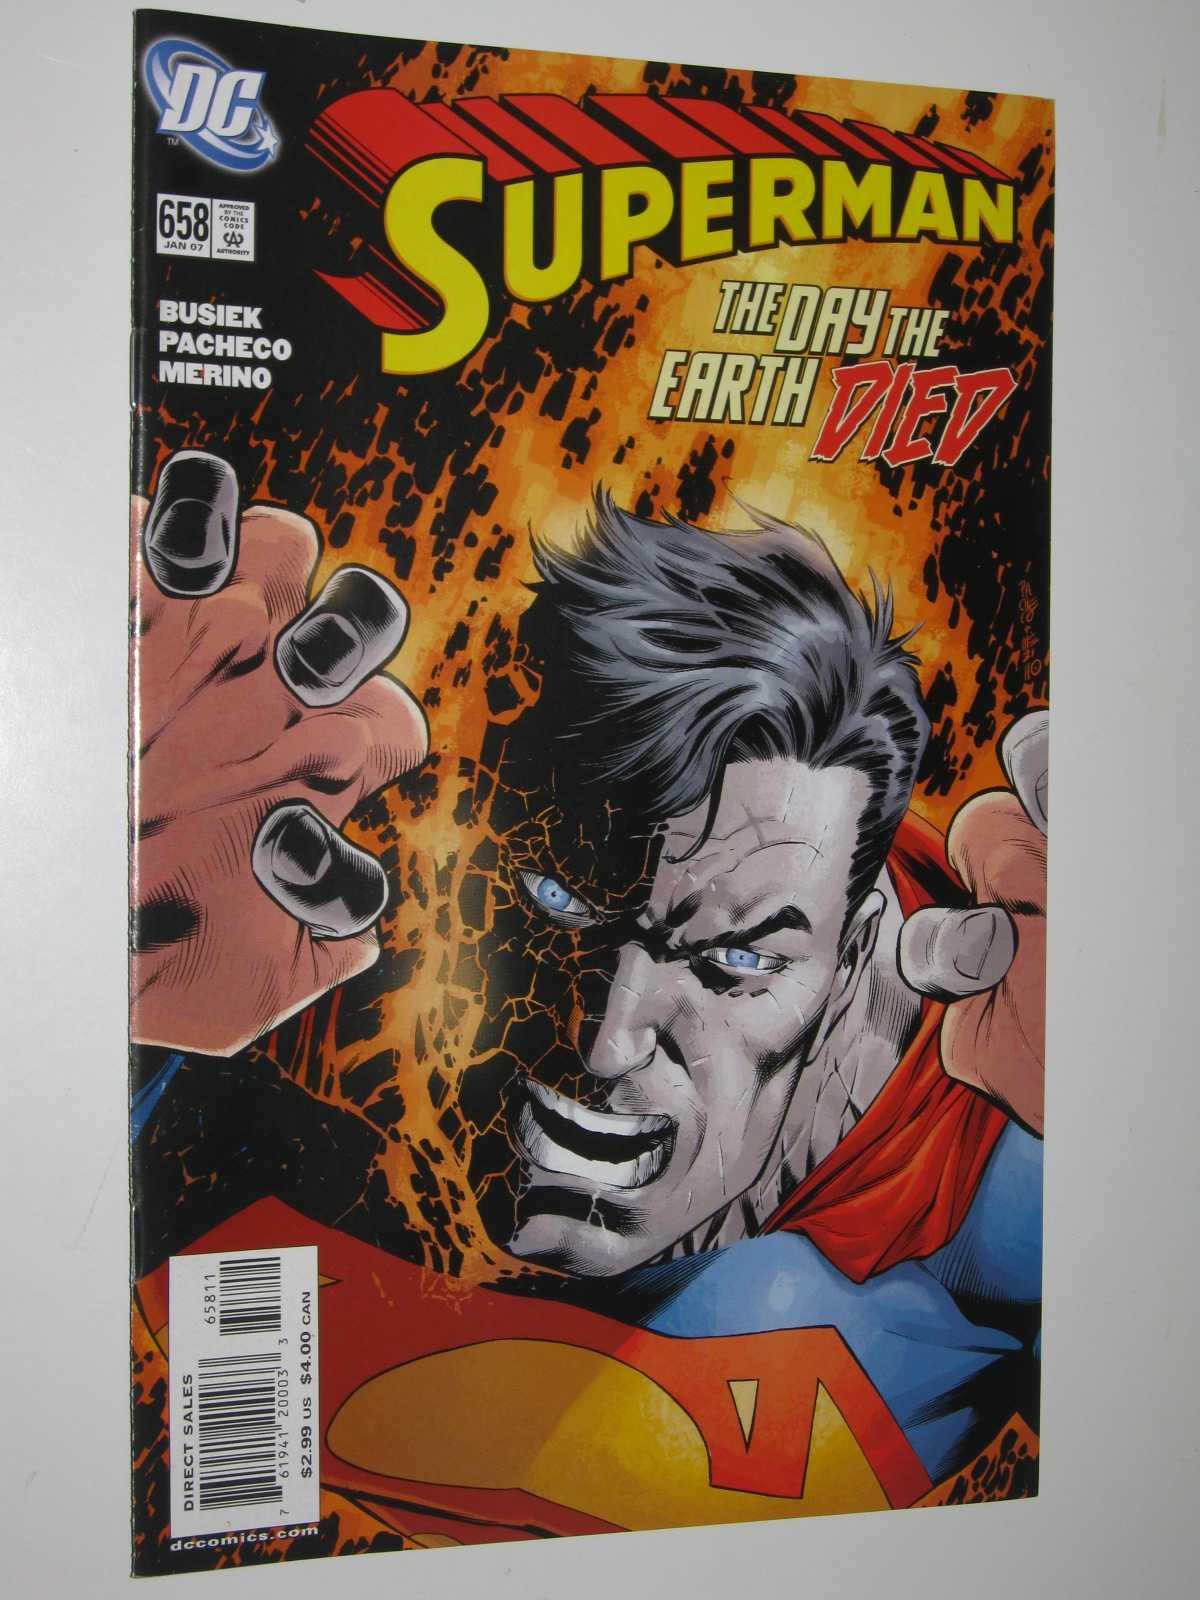 Superman #658 : January 2007, Busiek + Pacheco + Merino